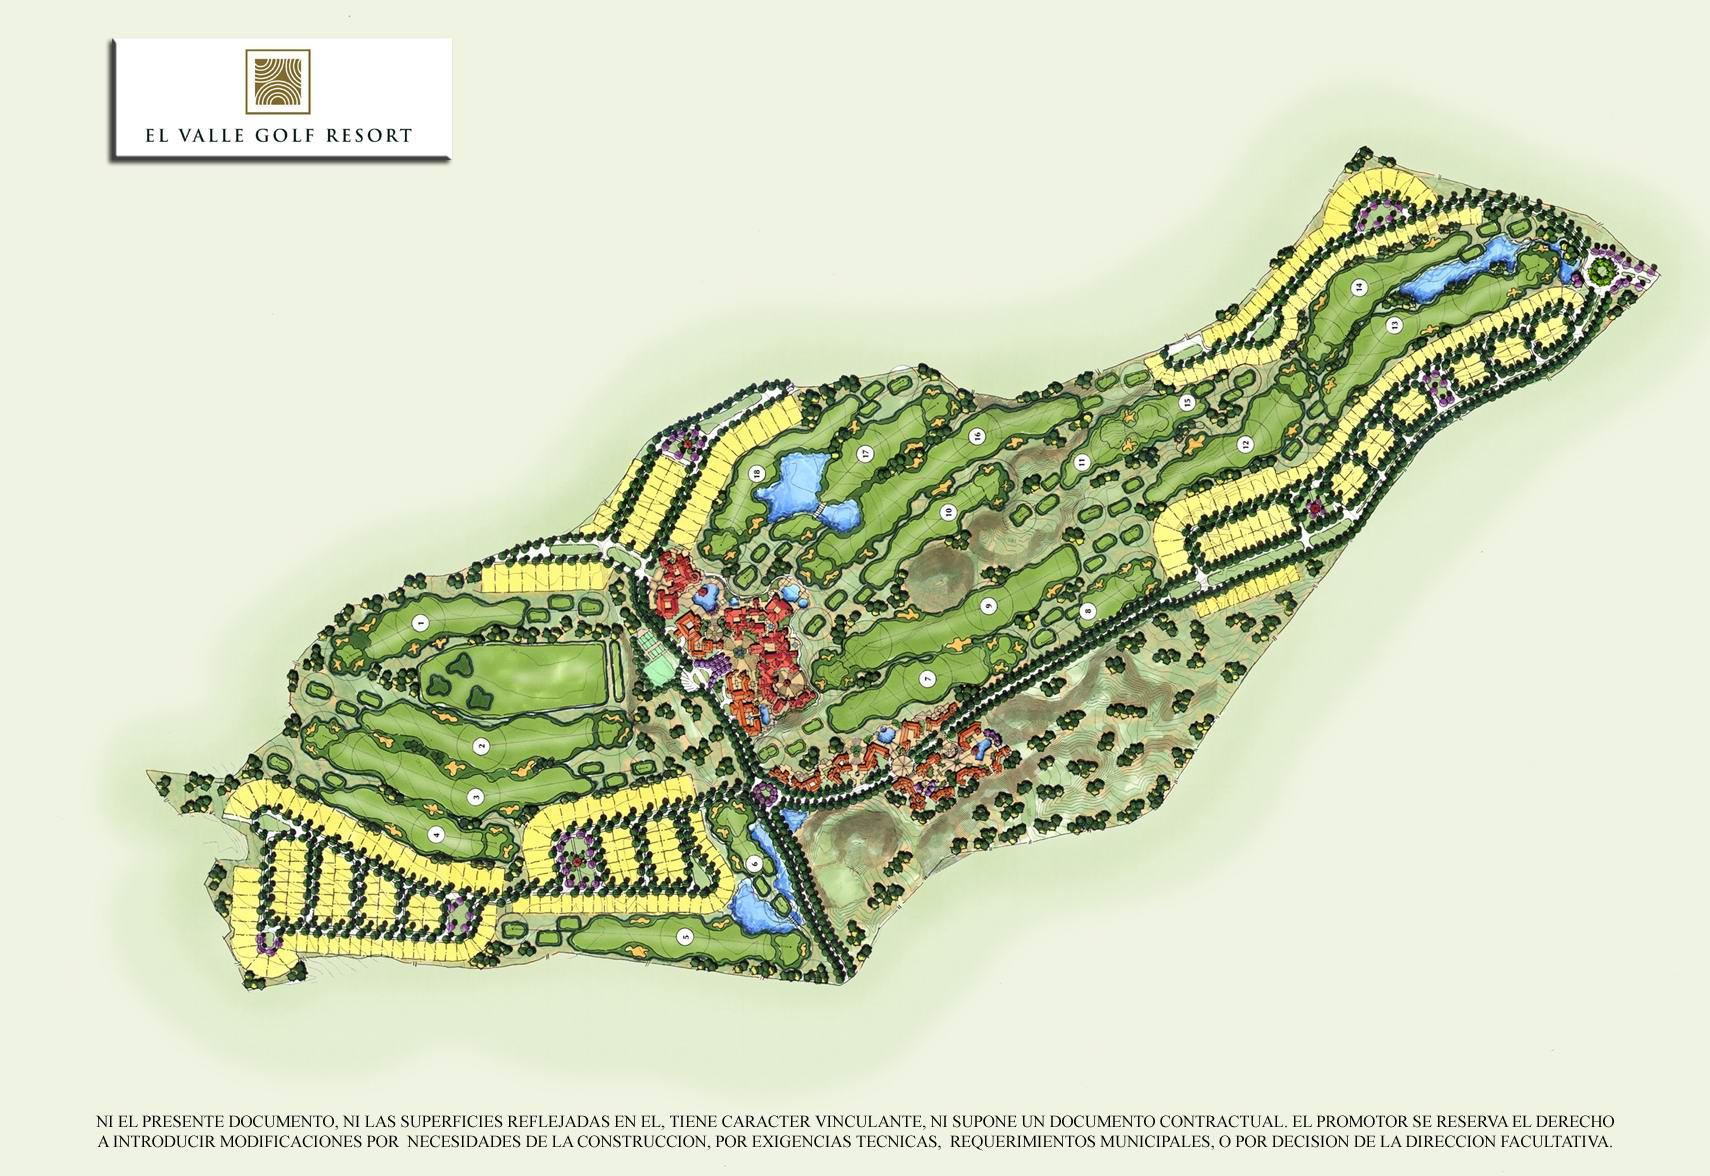 ley de campos de golf comunidad valenciana: